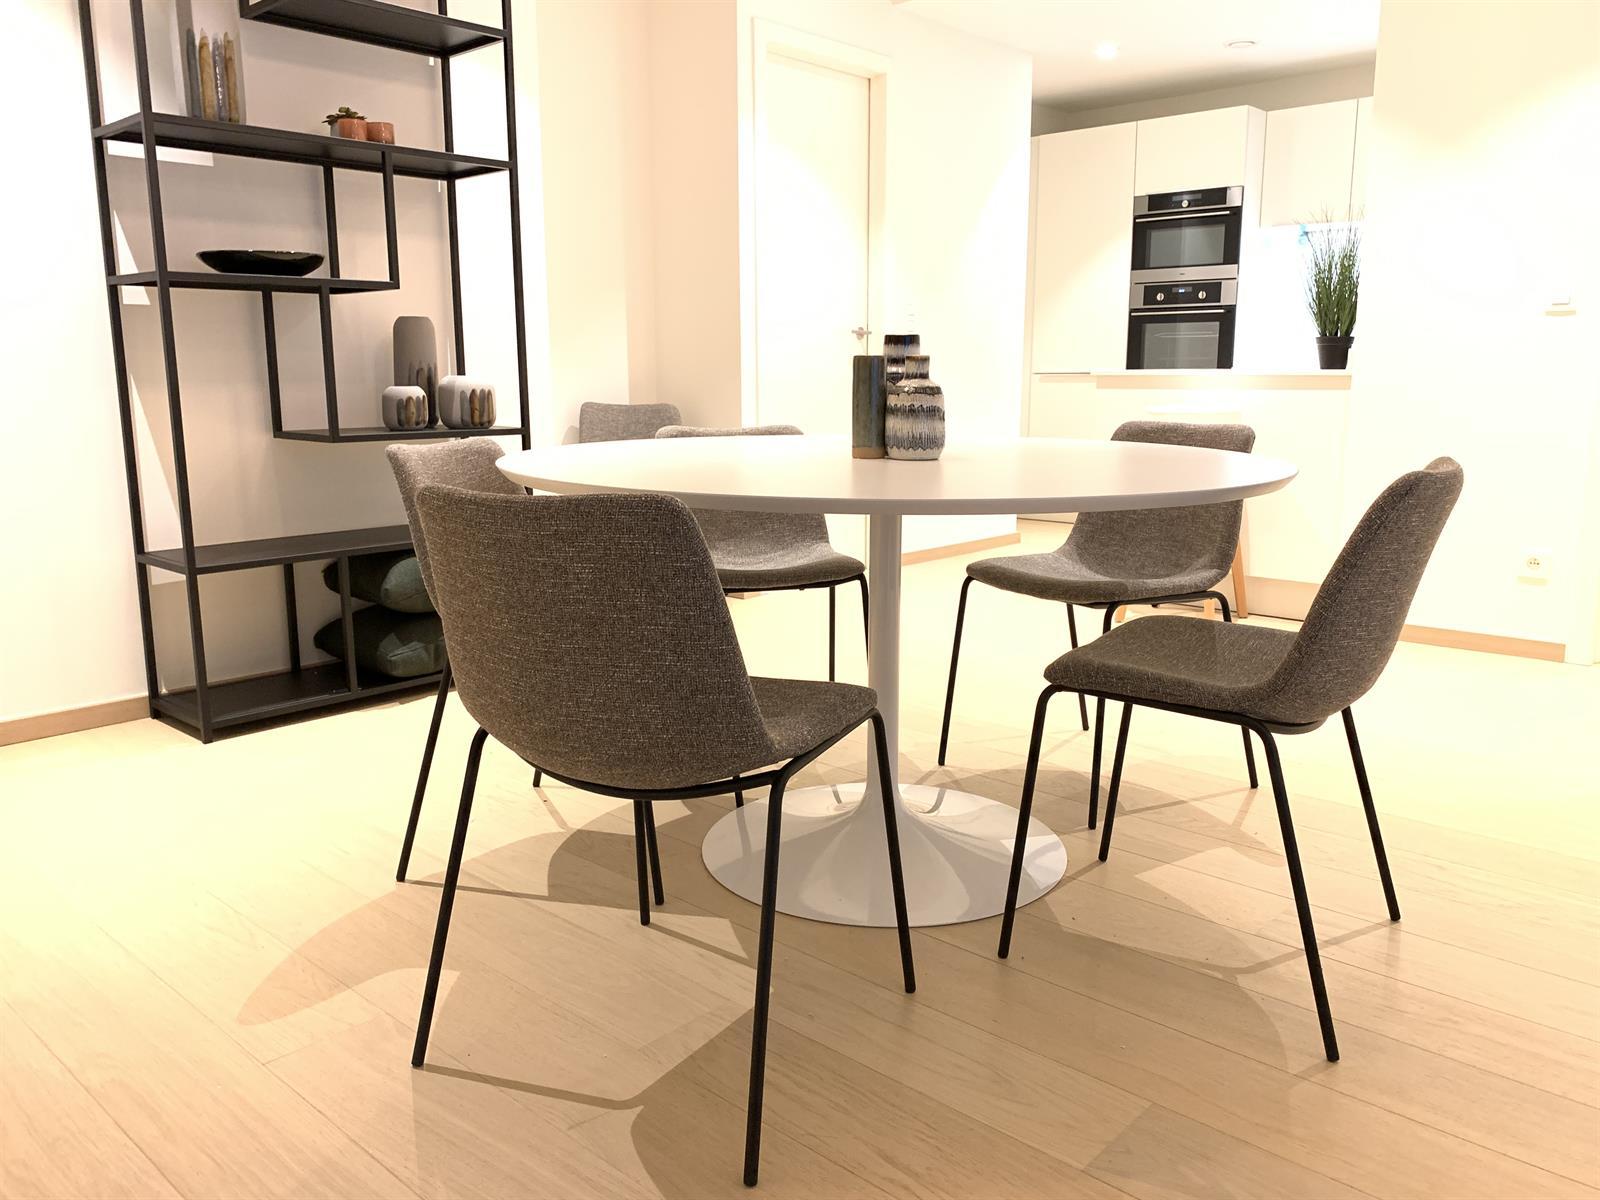 Appartement exceptionnel - Ixelles - #3929616-3